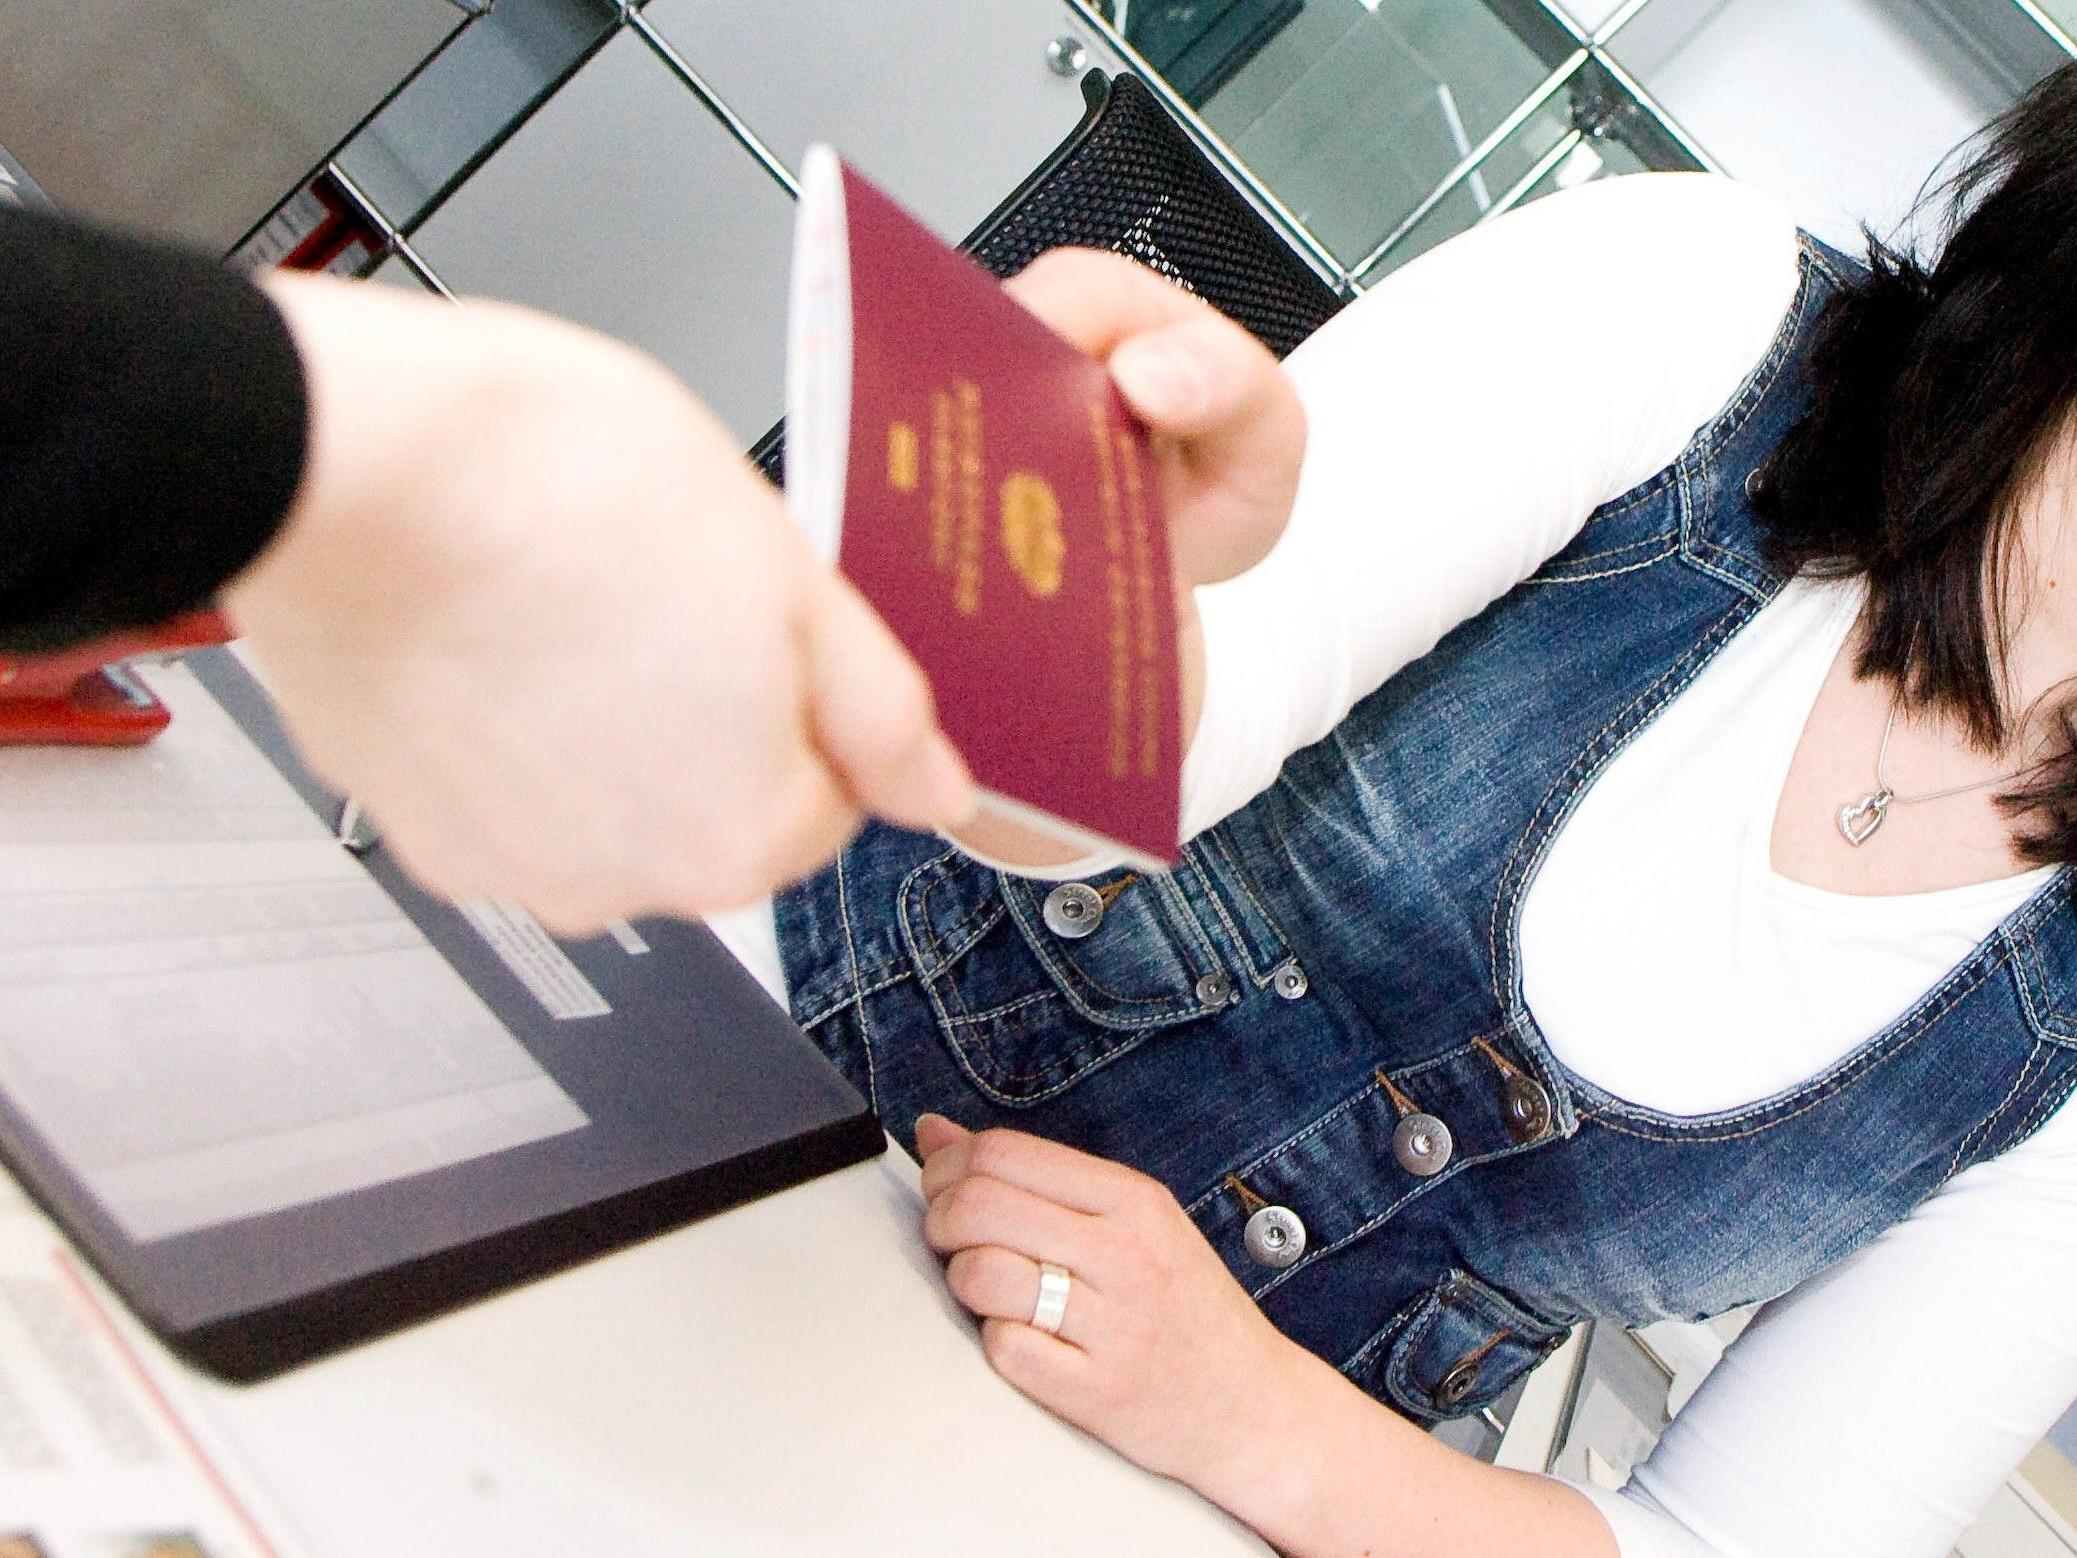 Bei erfolgreicher Absolvierung können die Teilnehmer bereits nach rund vier bis sechs Wochen einen österreichischen Pass in Händen halten.